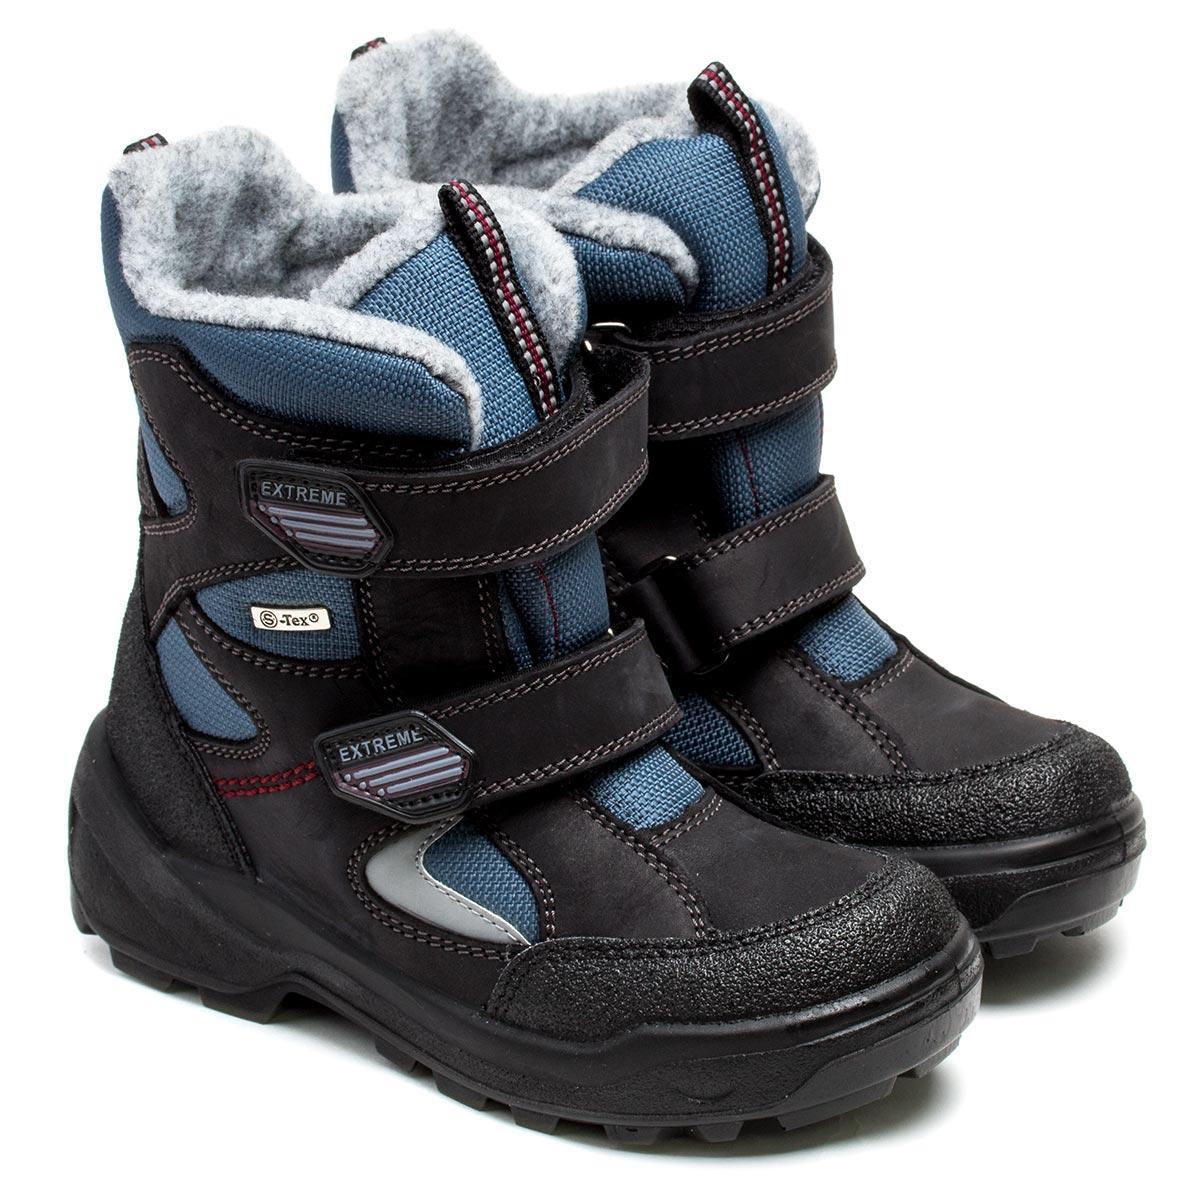 Зимние ботинки для мальчика ТМ  Капика (Floare), мембранные сапожки на дух липучках, размер 30-35